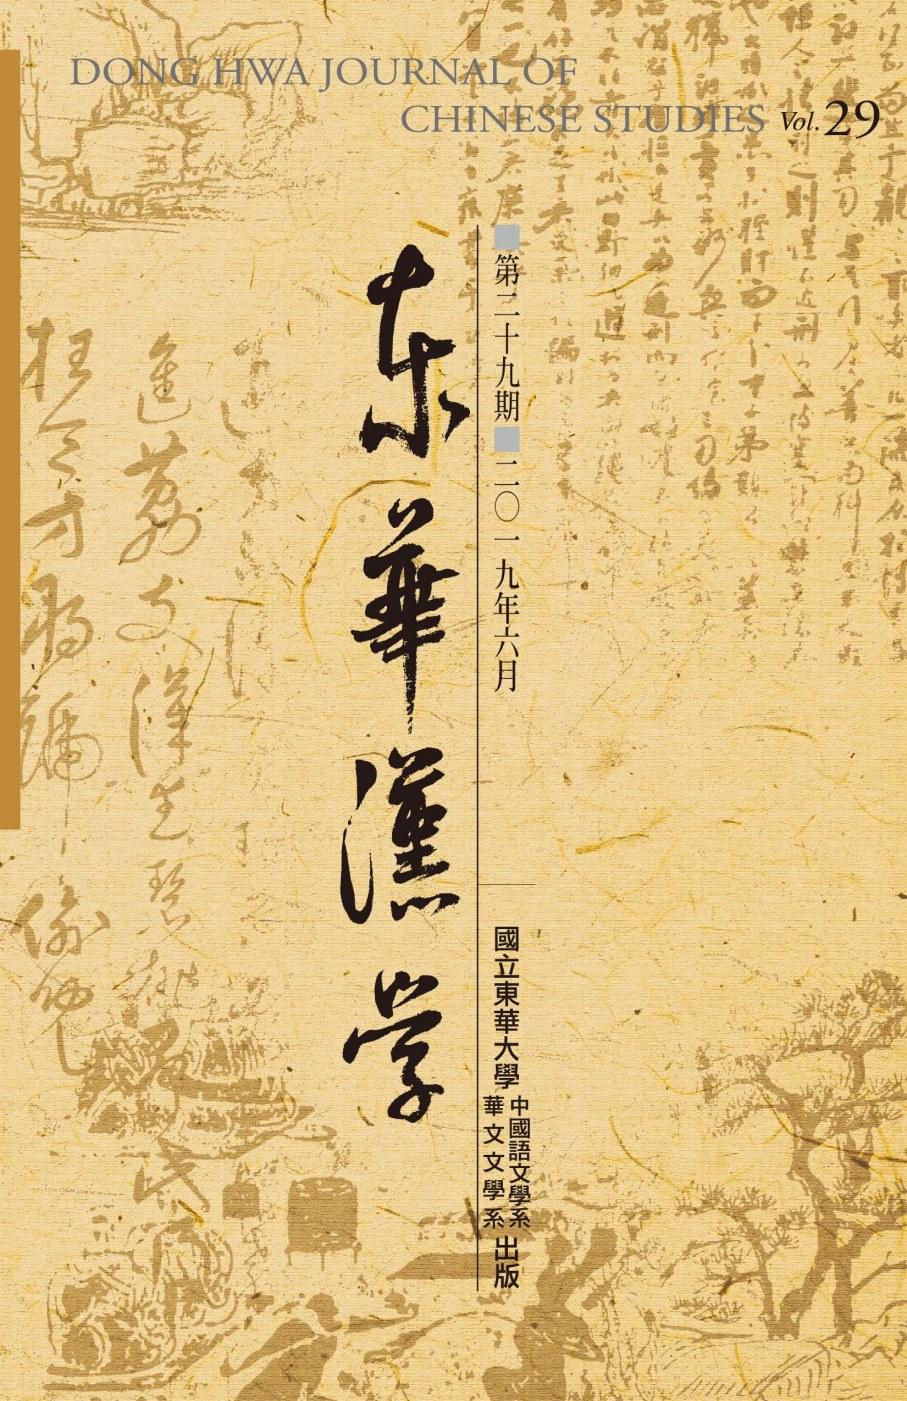 東華漢學第二十九期